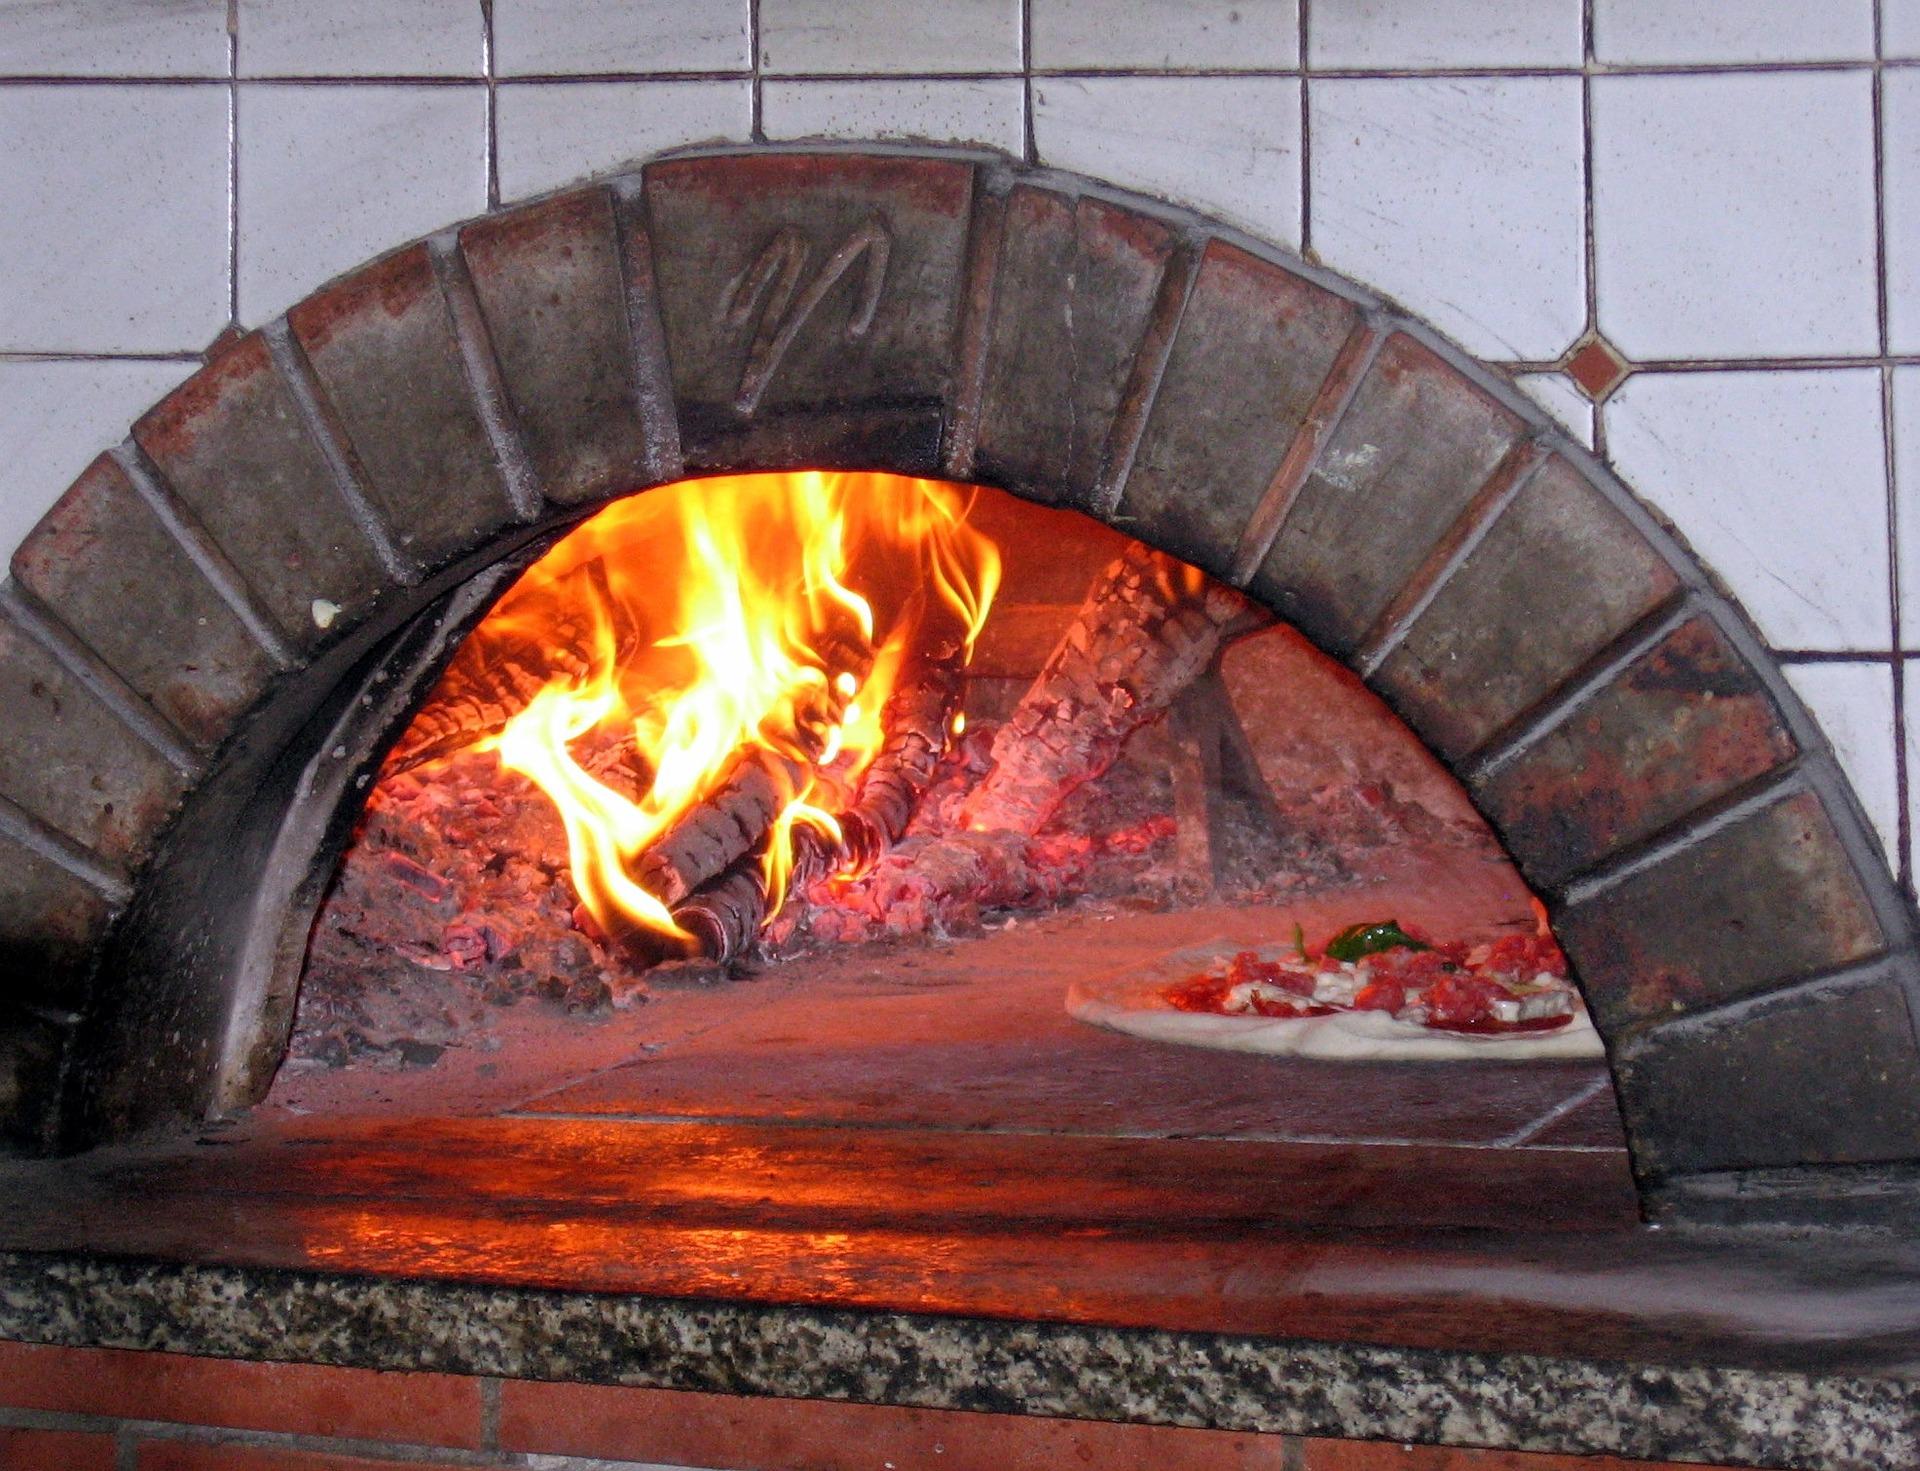 pizza-oven-619140_1920.jpg